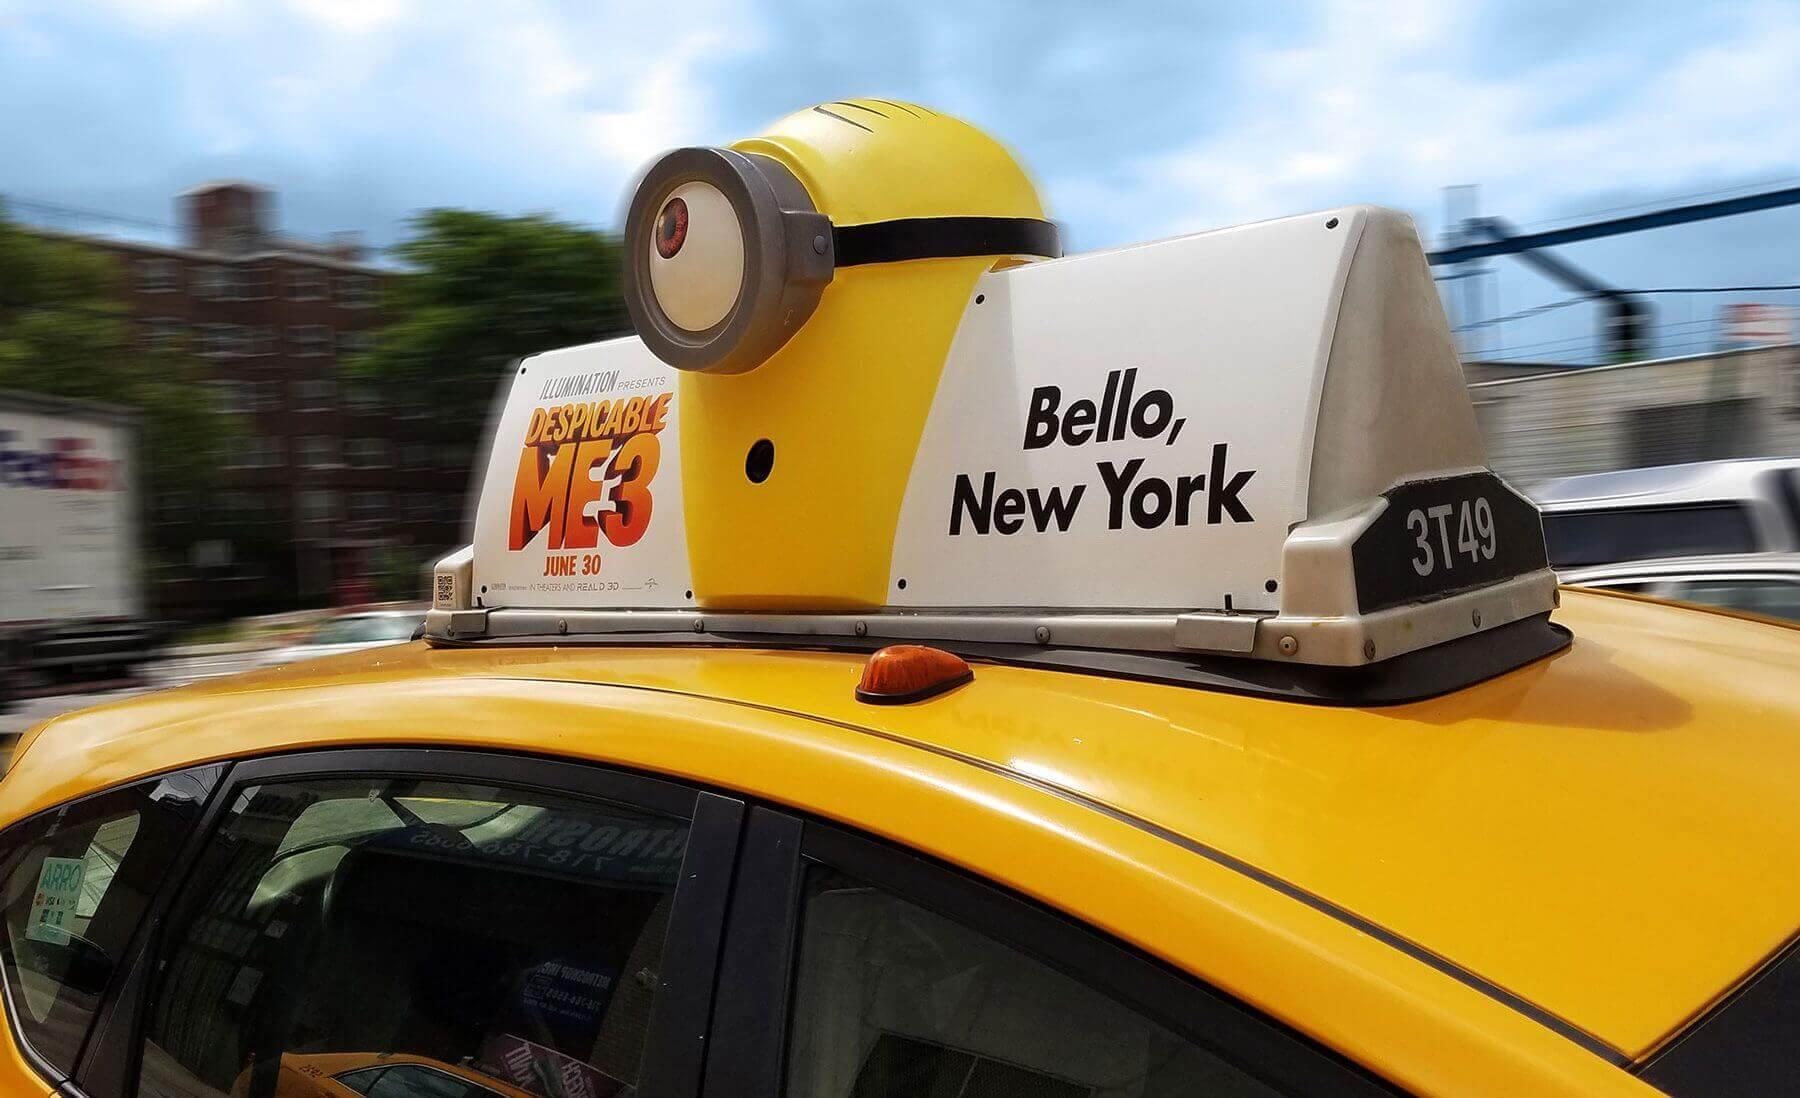 Chiến dịch quảng cáo taxi sáng tạo của Despicable Me